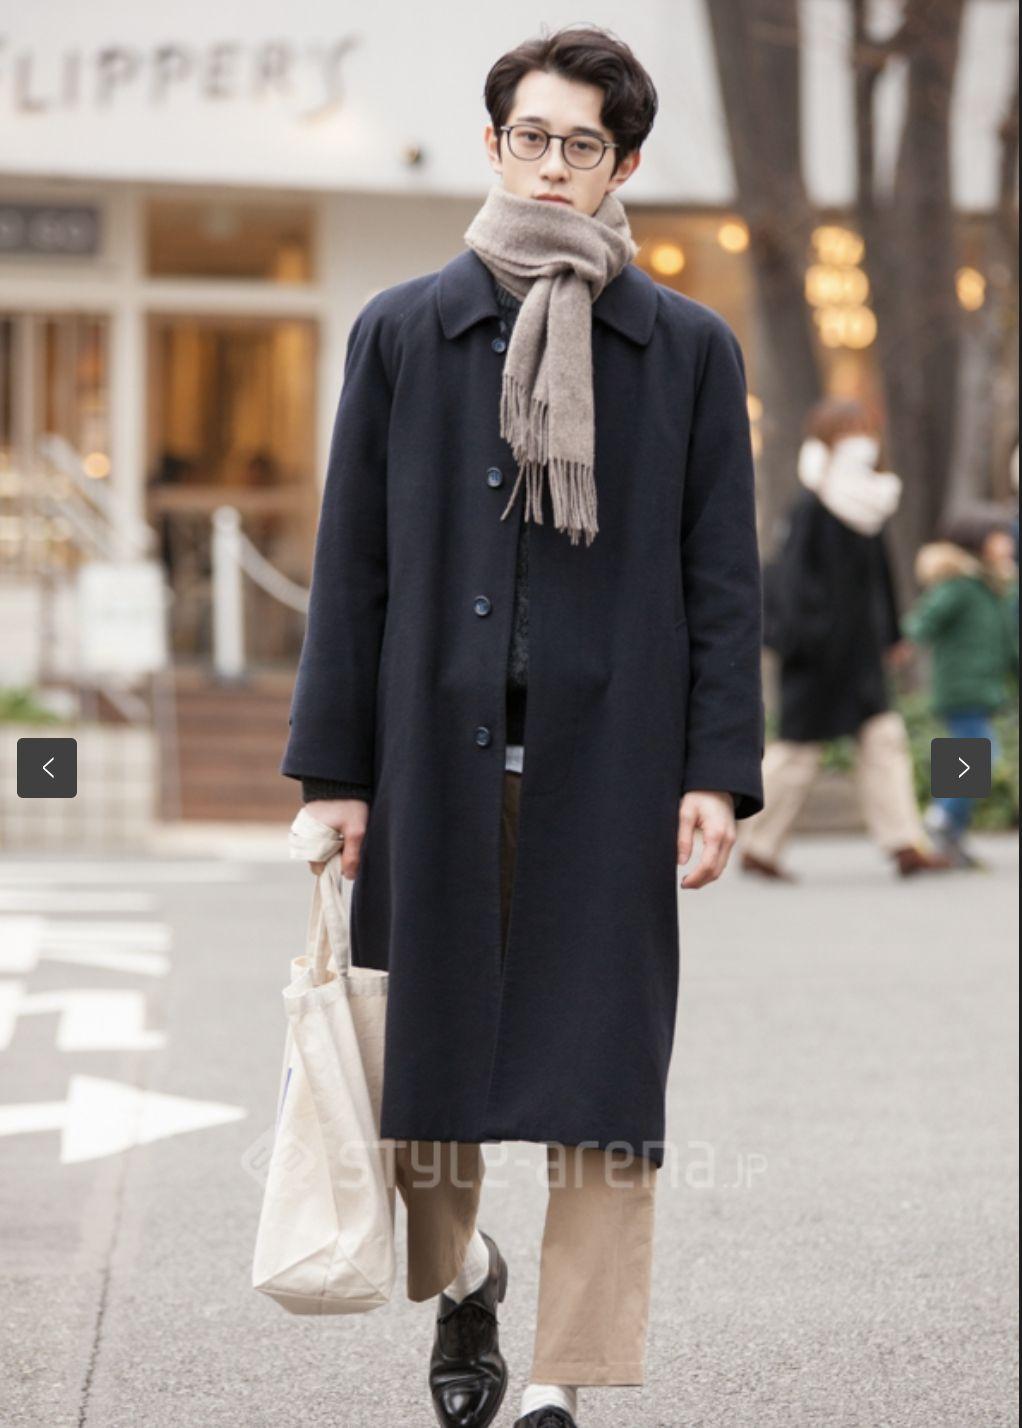 2月日本东京表参道素人男生街拍,小方巾效果不错,浓浓复古气息